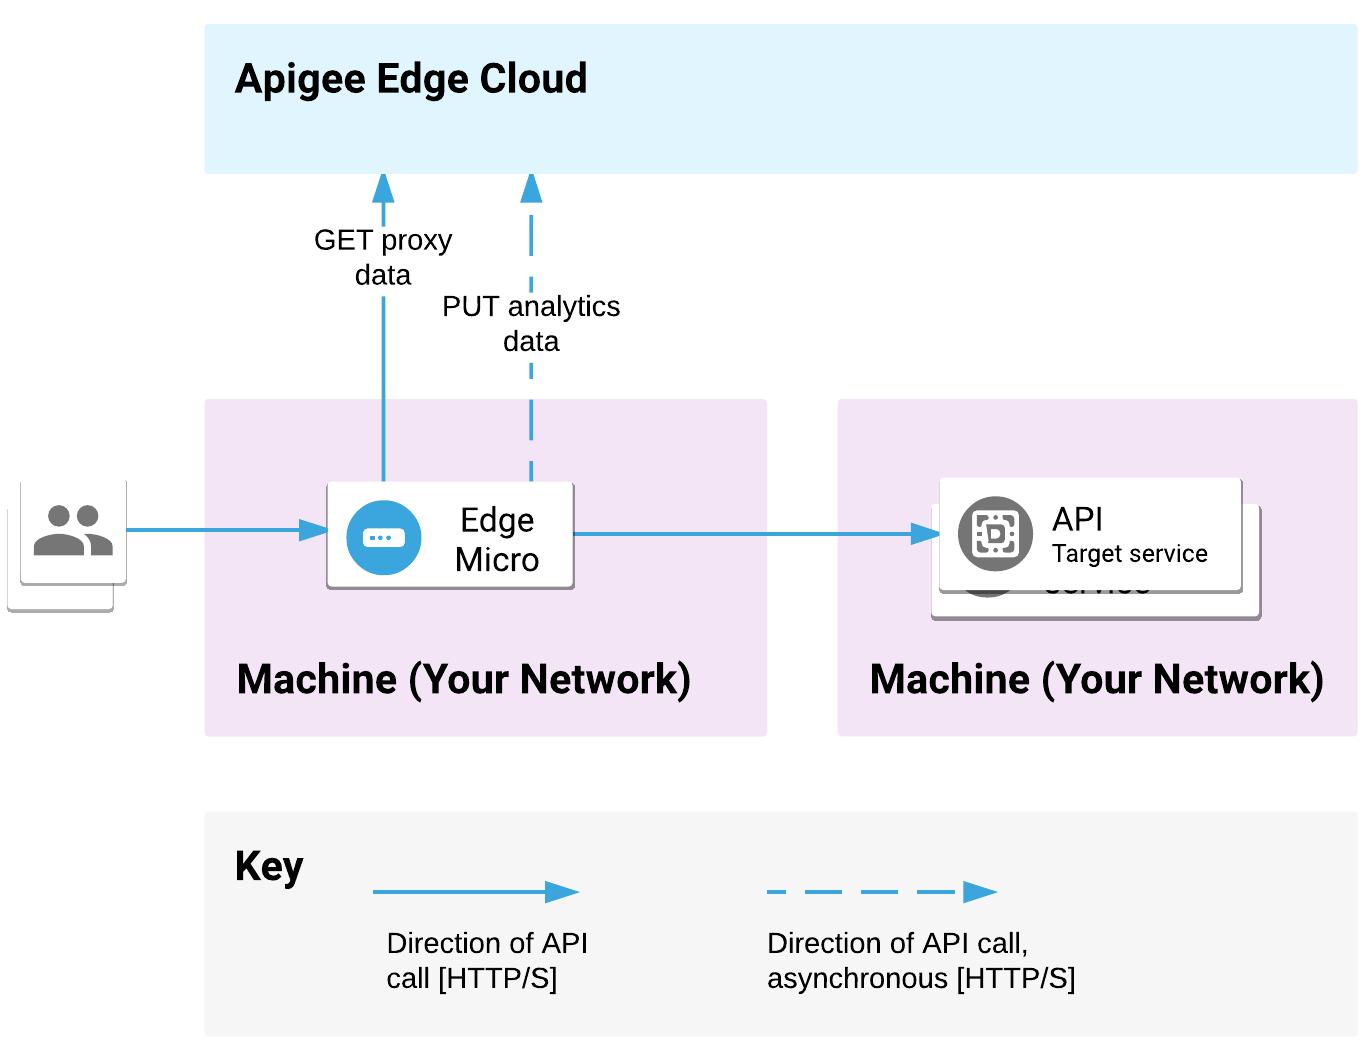 Edge Microgateway を 1 台のマシンにデプロイし、バックエンド サービスを他の場所にデプロイします。API リクエストが Microgateway で処理され、バックエンド ターゲットにリクエストが送信されます。Microgateway は、Apigee Edge Cloud との間でプロキシと分析のデータをやり取りします。